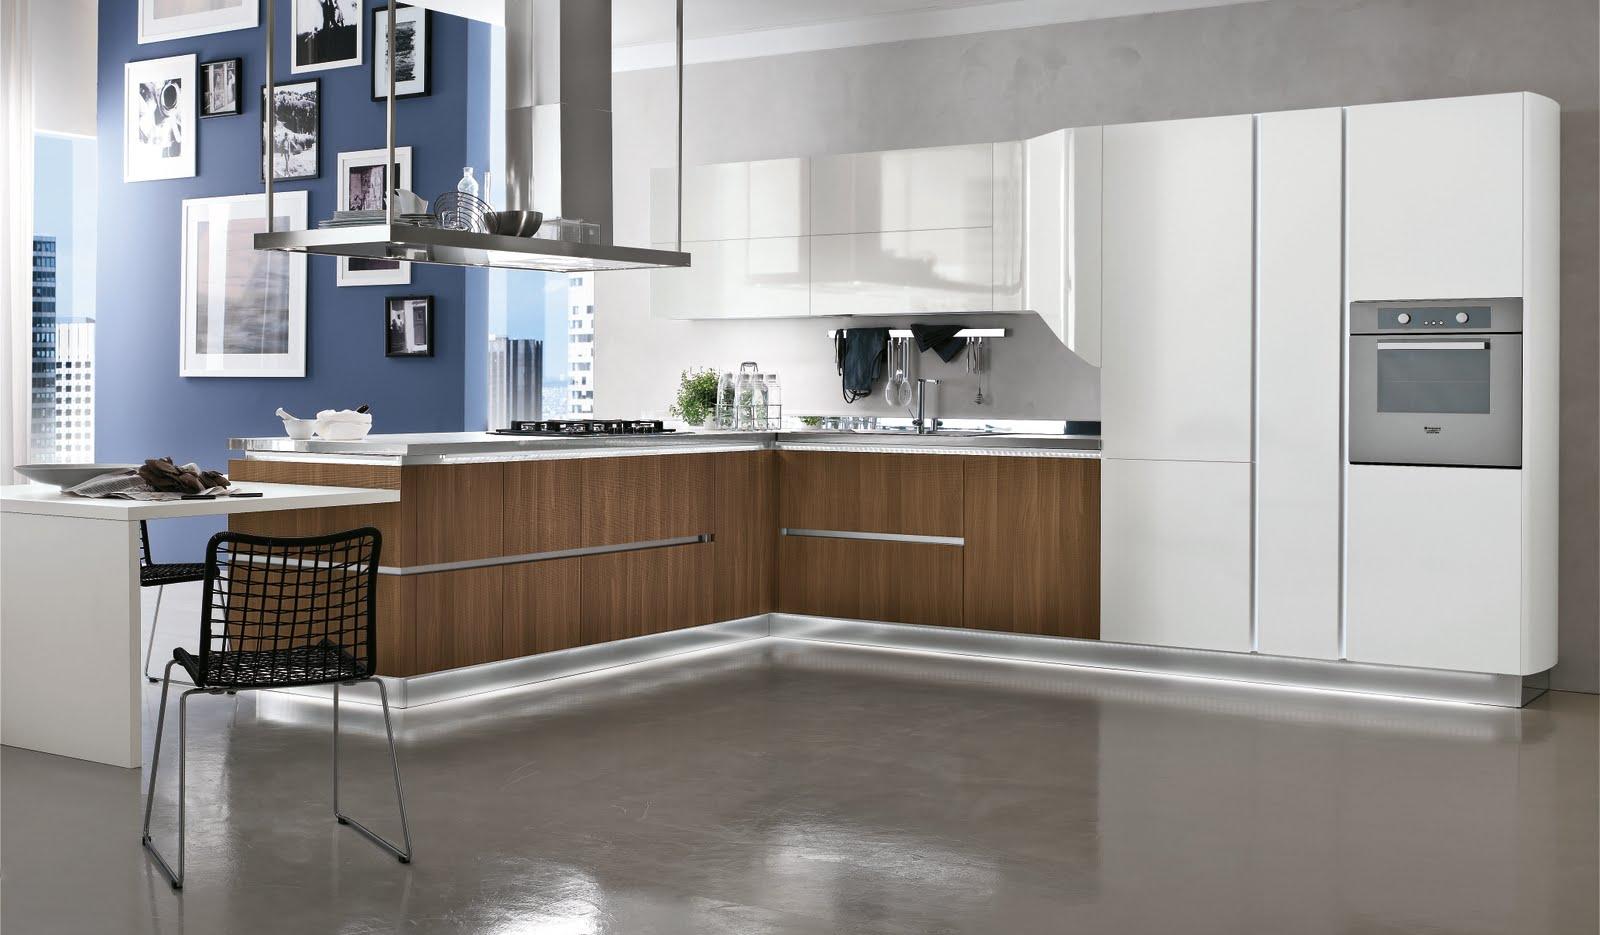 Cucinestile for Interior design cucine